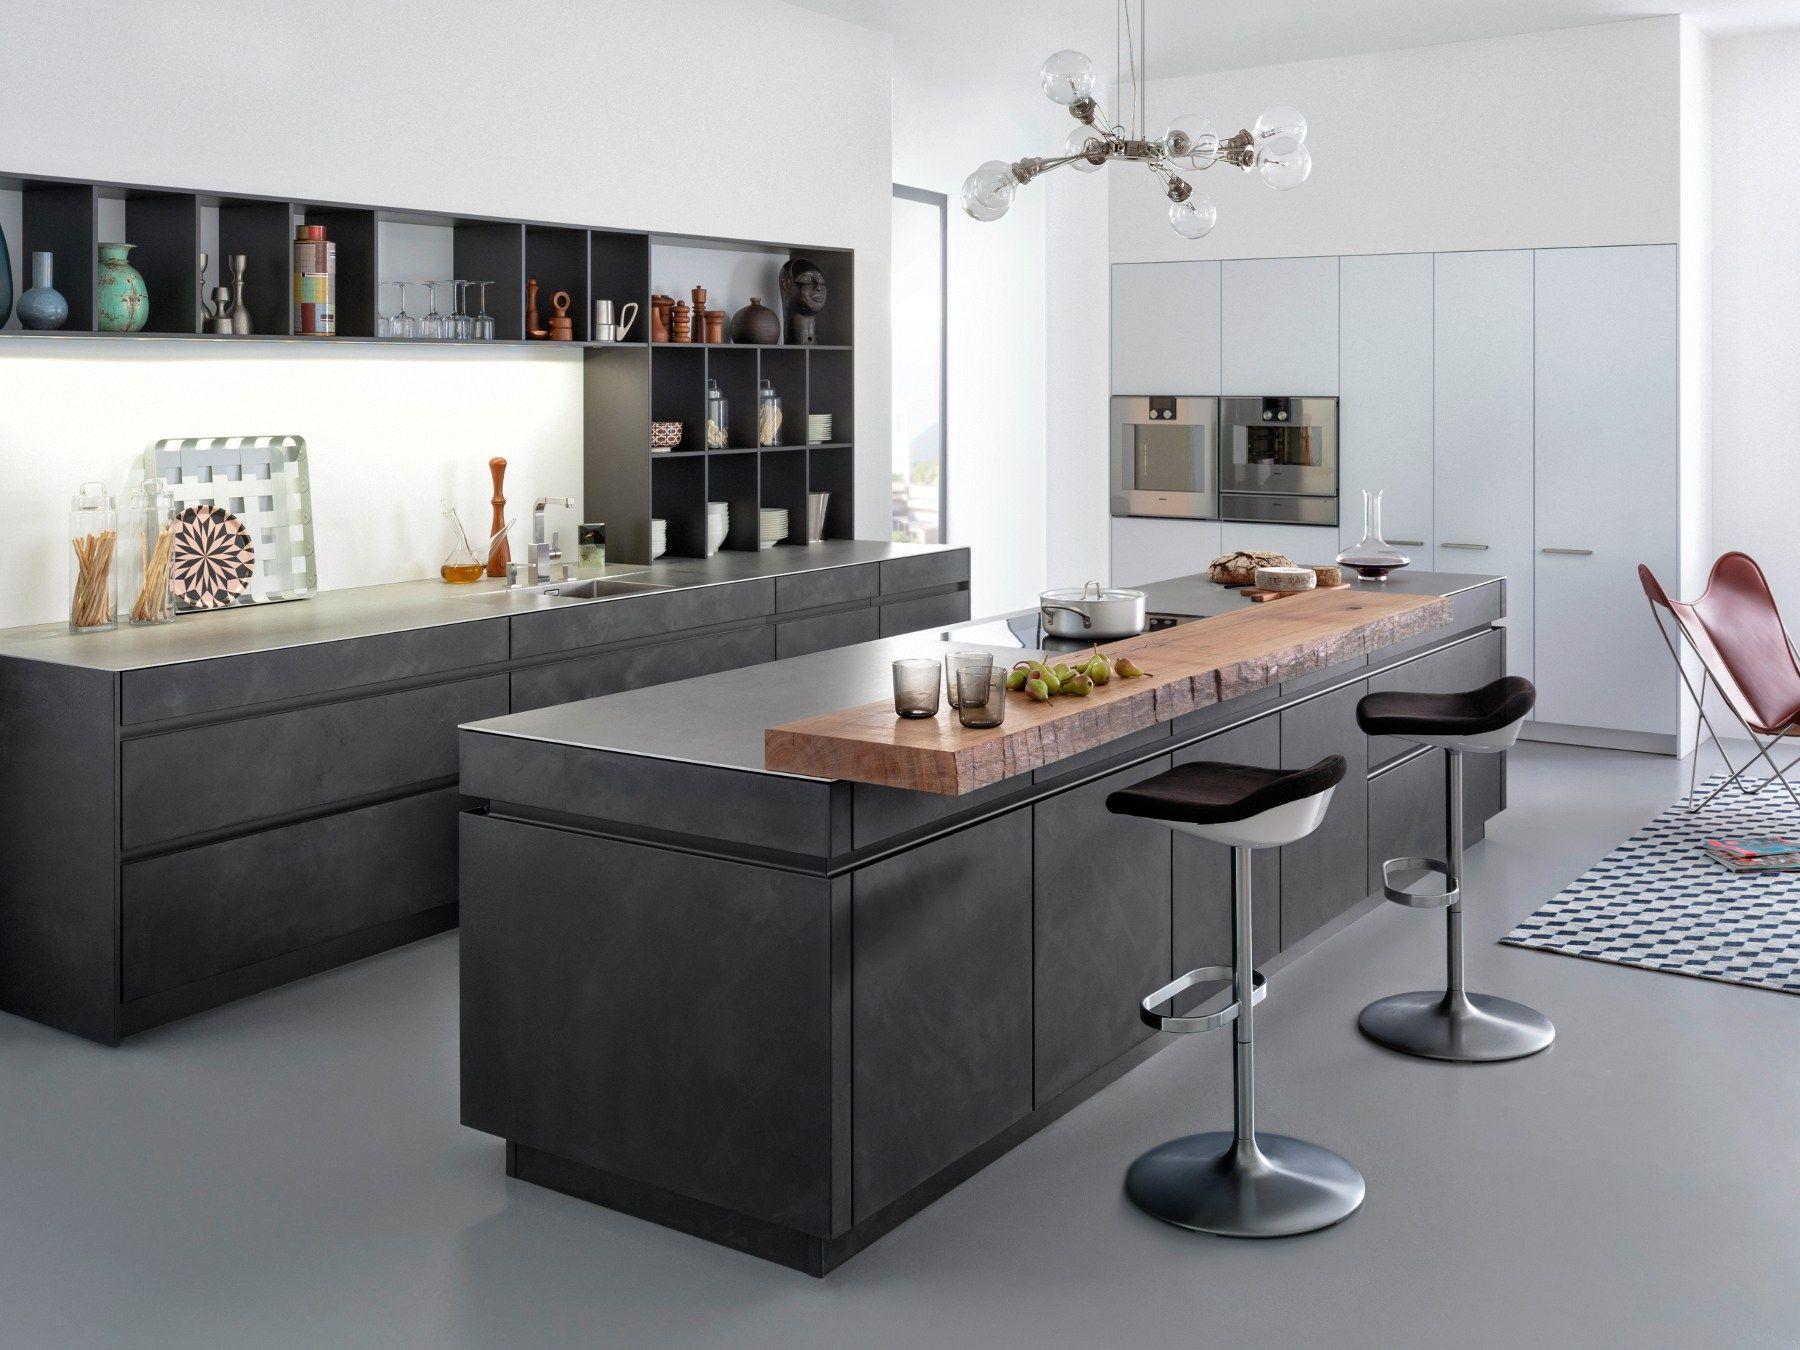 Kitchen with island CONCRETE-A By LEICHT Küchen | {Leicht küchen logo 34}